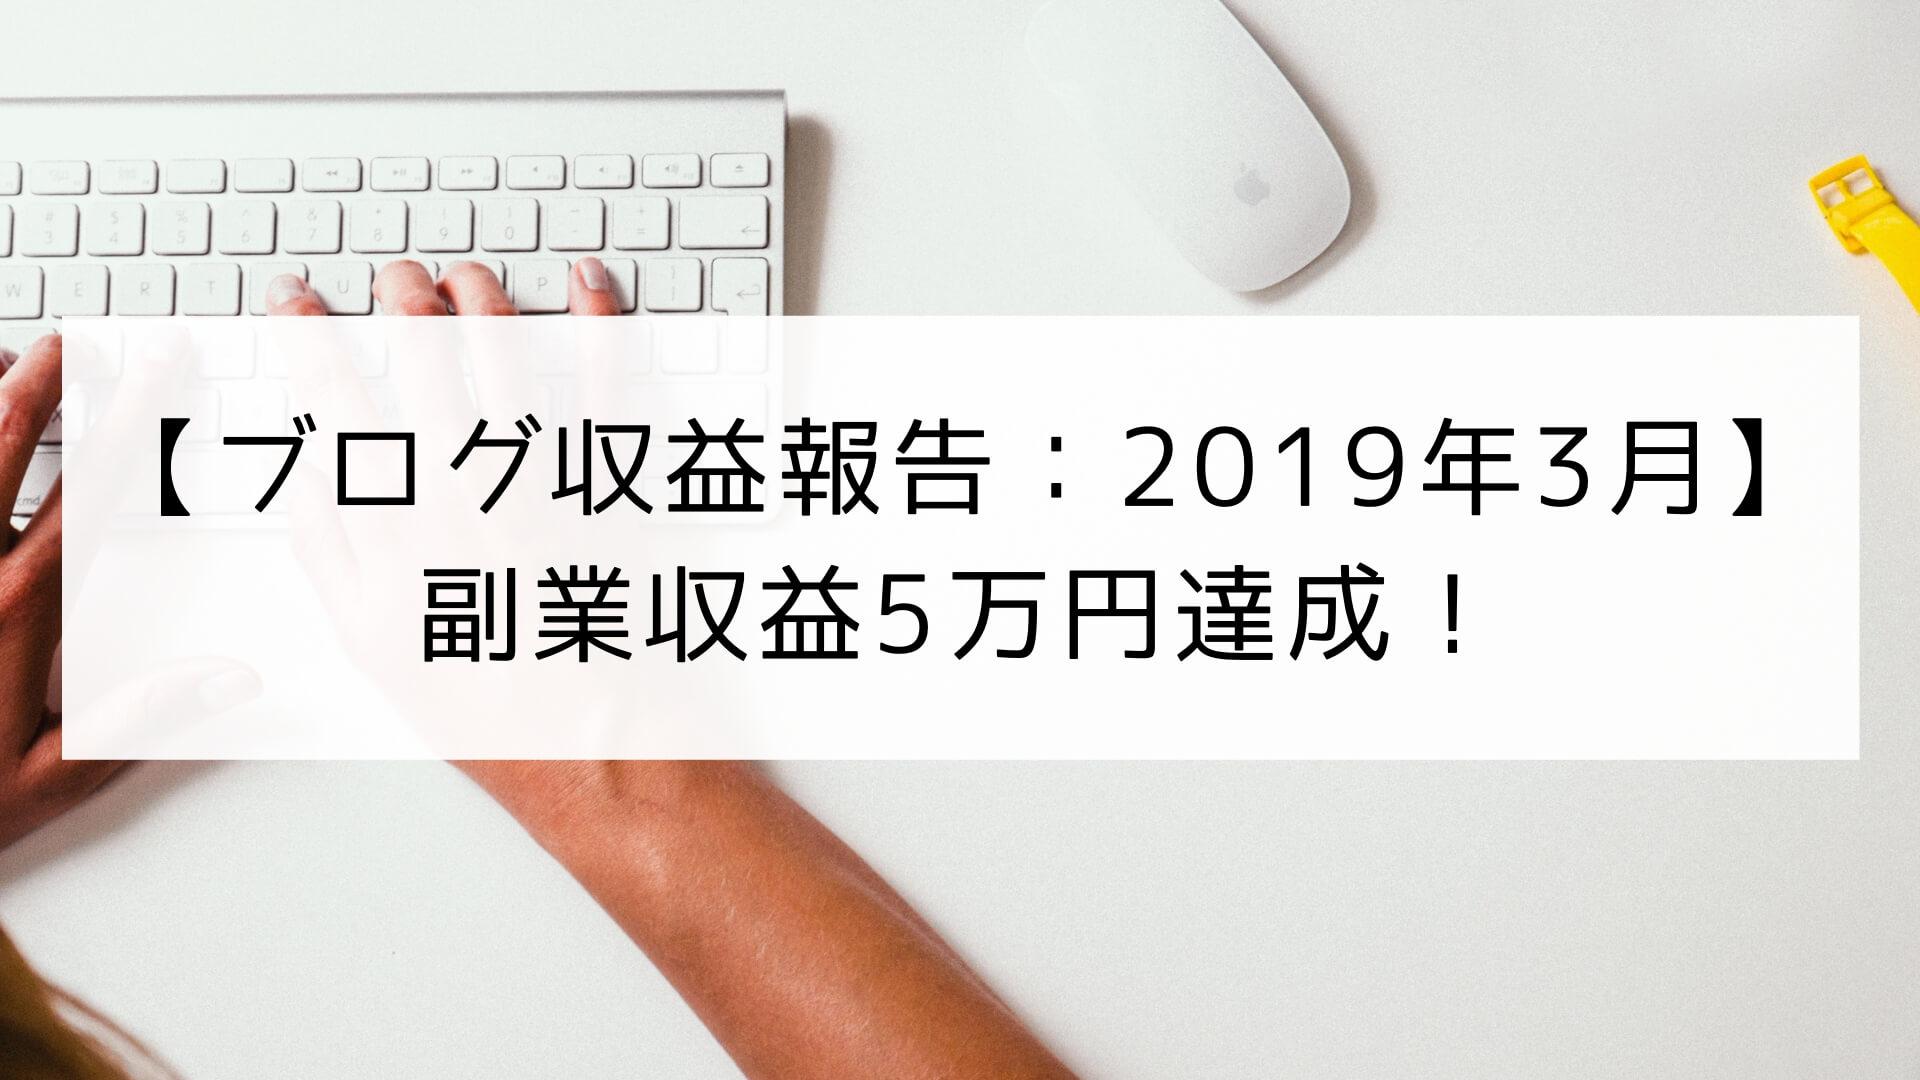 【ブログ(副業)収益報告】2019年3月は副業収益でついに5万円を達成!